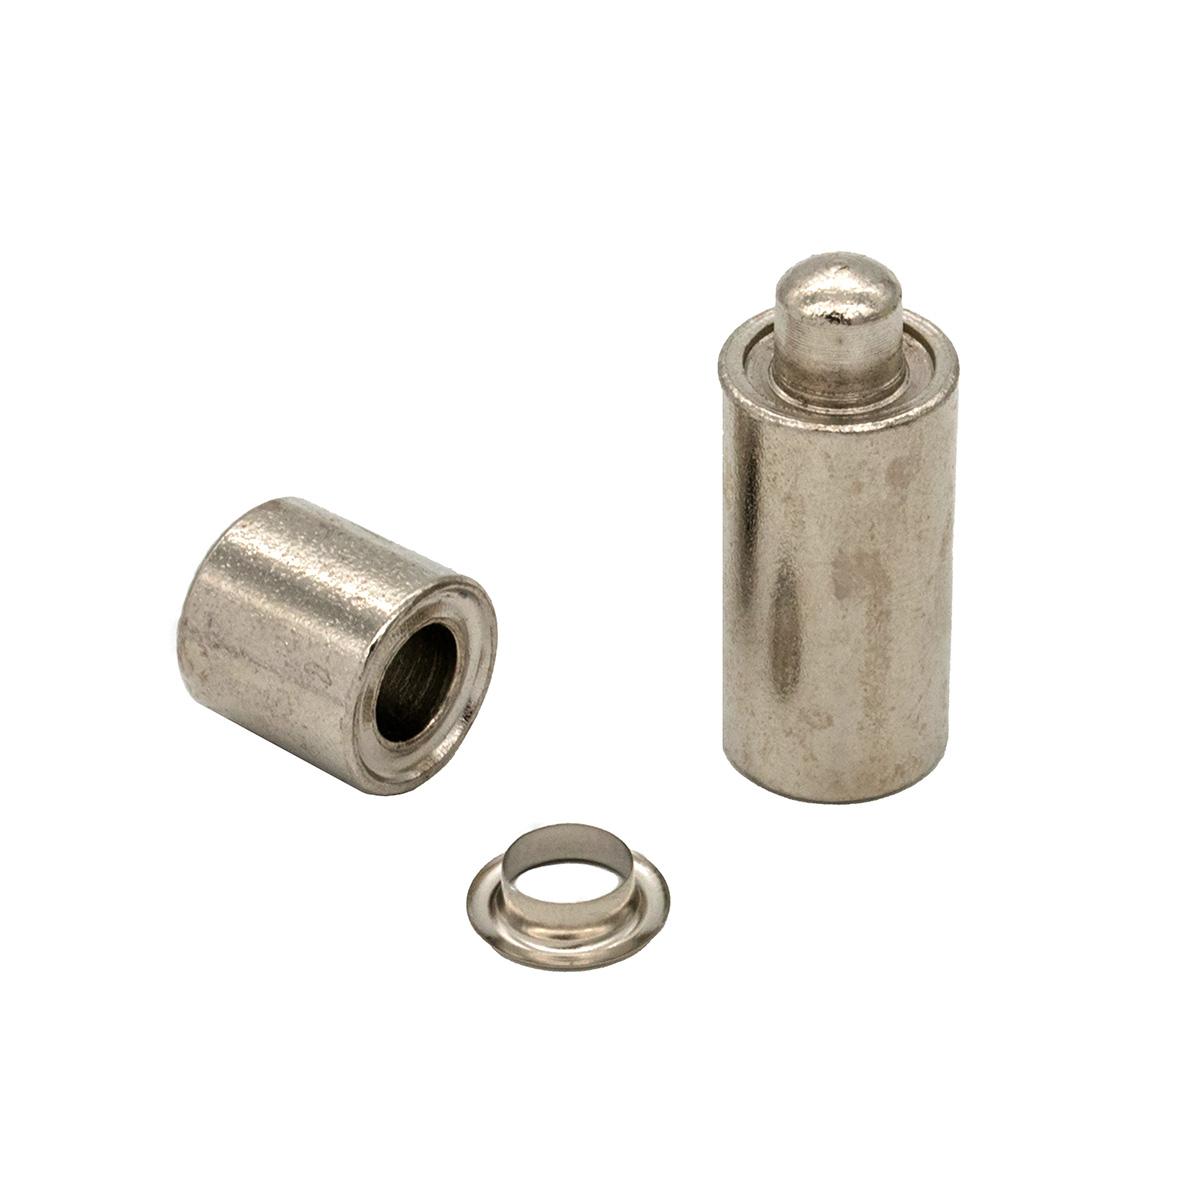 530710 Люверсы с инструментом для установки, никель, d 8 мм, упак./20 компл., Hobby&Pro